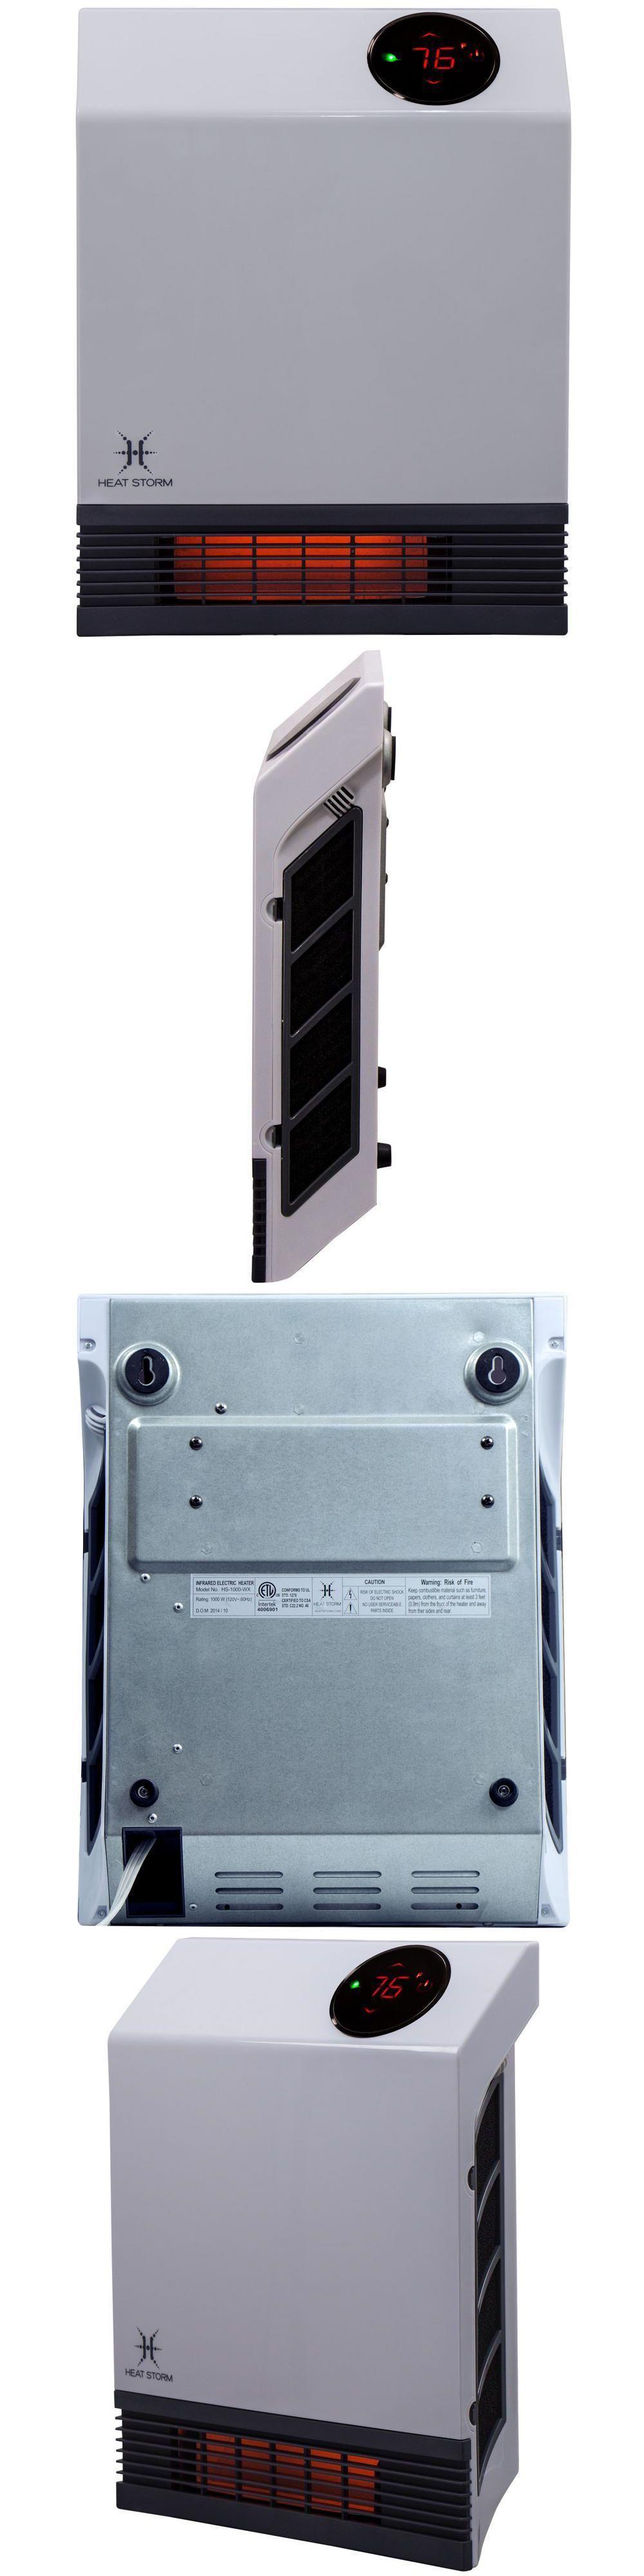 Details about Heat Wall Unit 1,000Watt Infrared Quartz